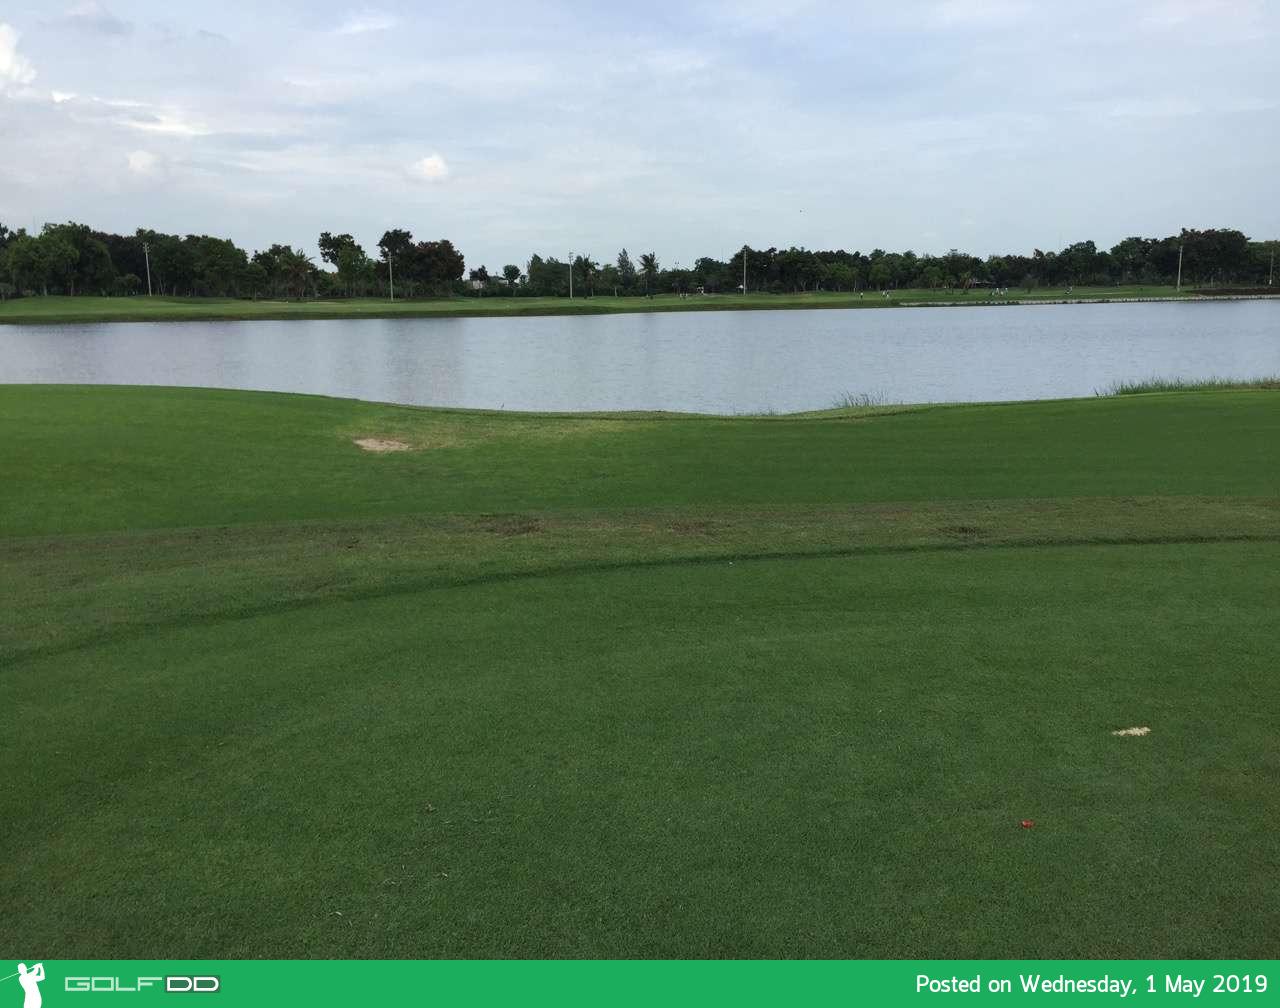 วันแรงงาน ออกรอบ ดูนกในกรุงเทพที่ The Legacy Golf Club